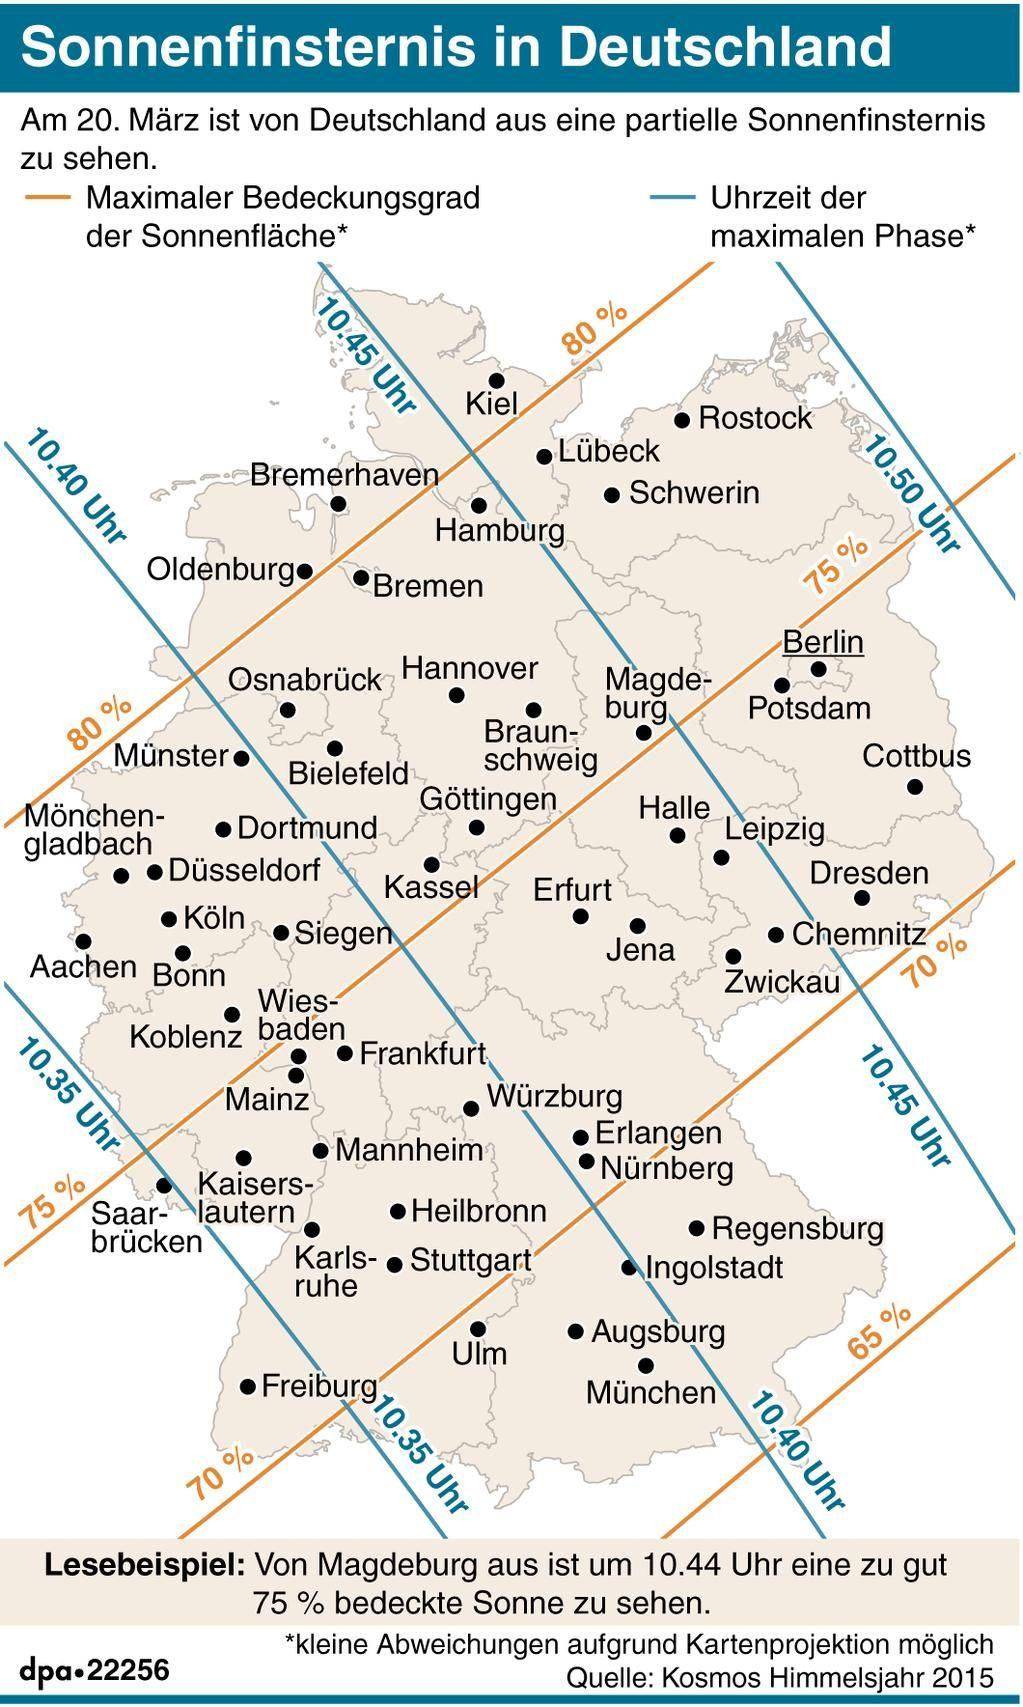 Sonnenfinsternis 20.03.2015; Karte